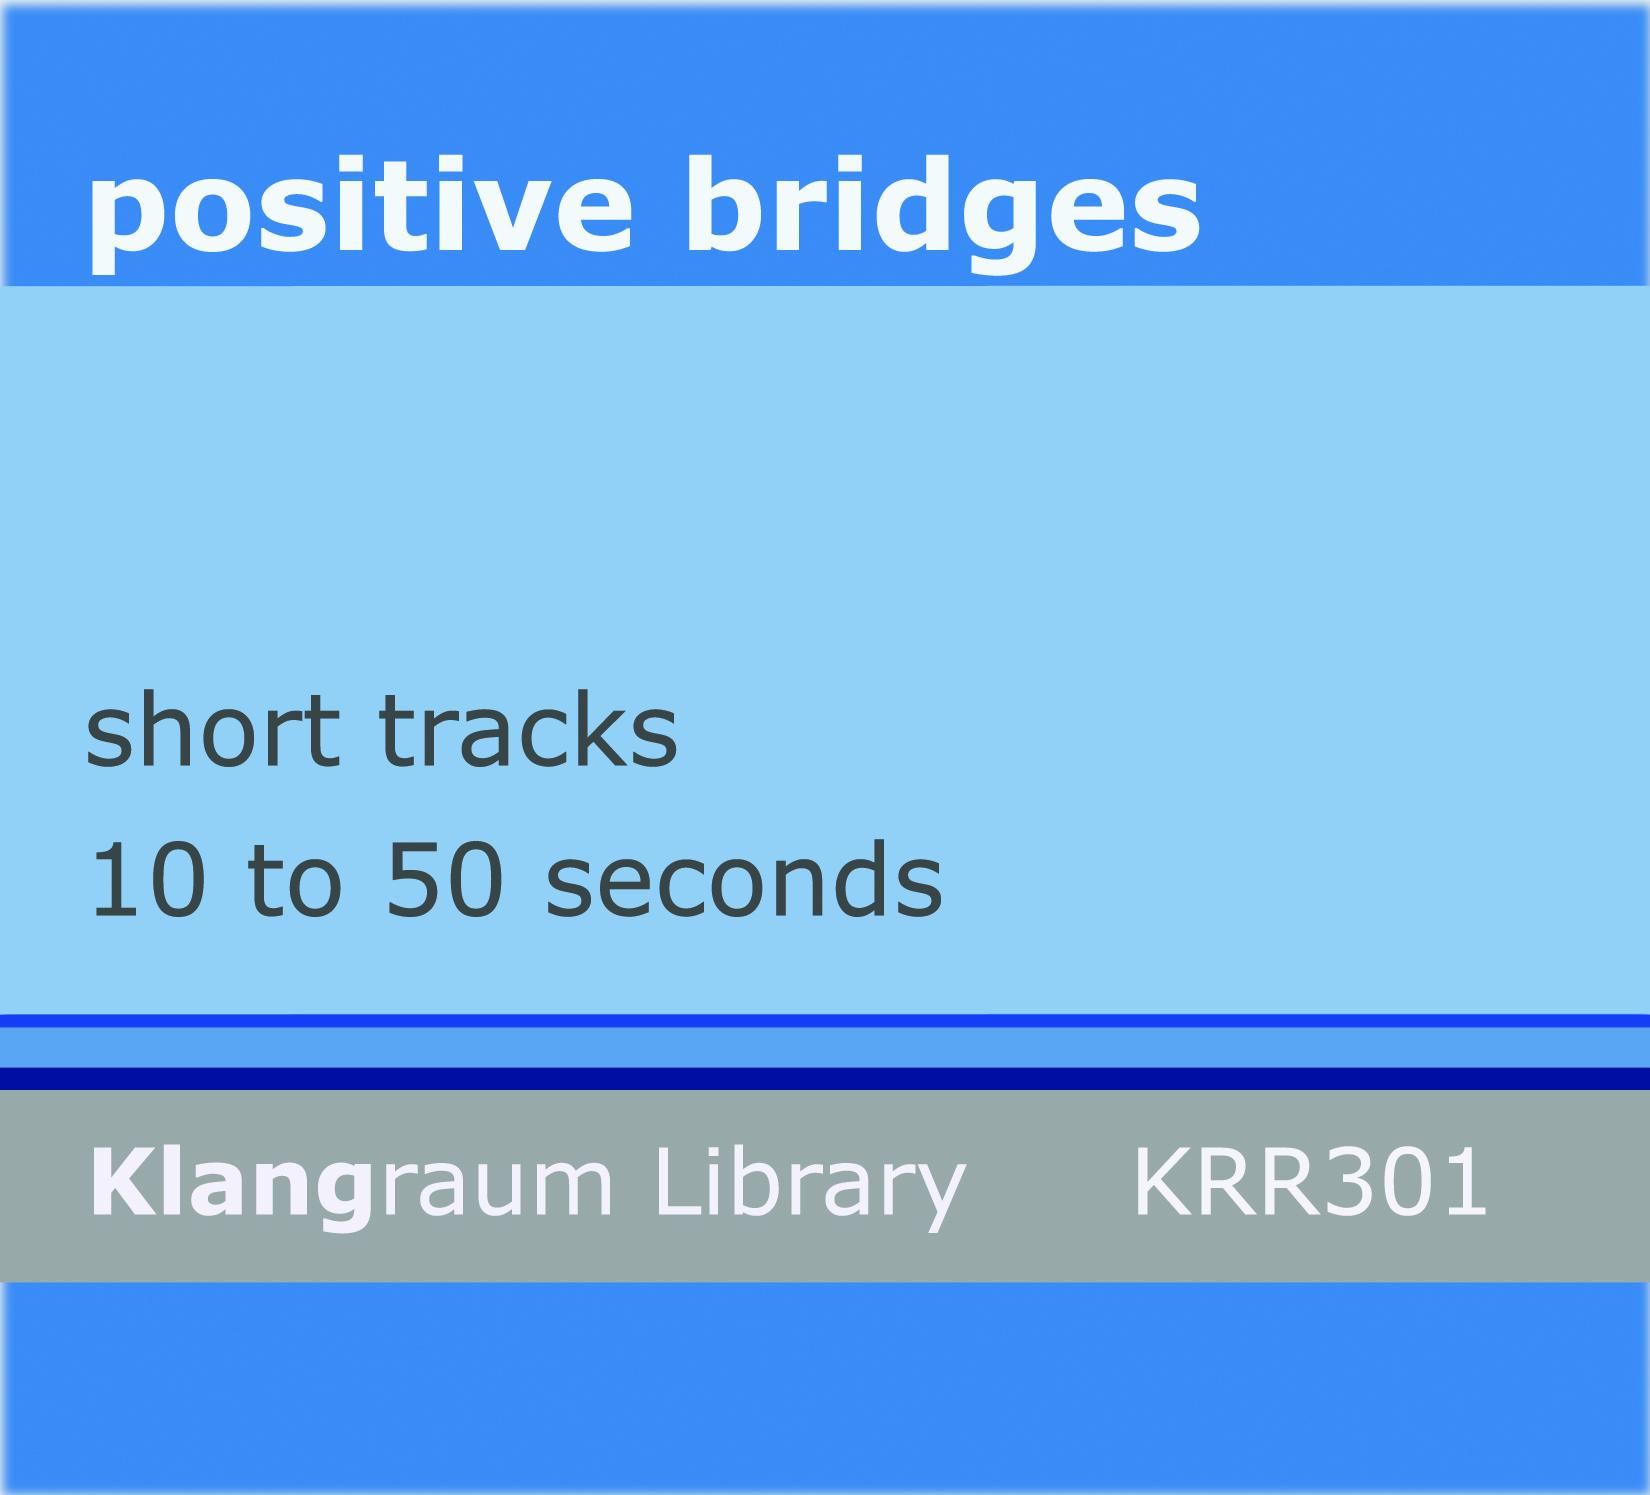 LIB-KRR301